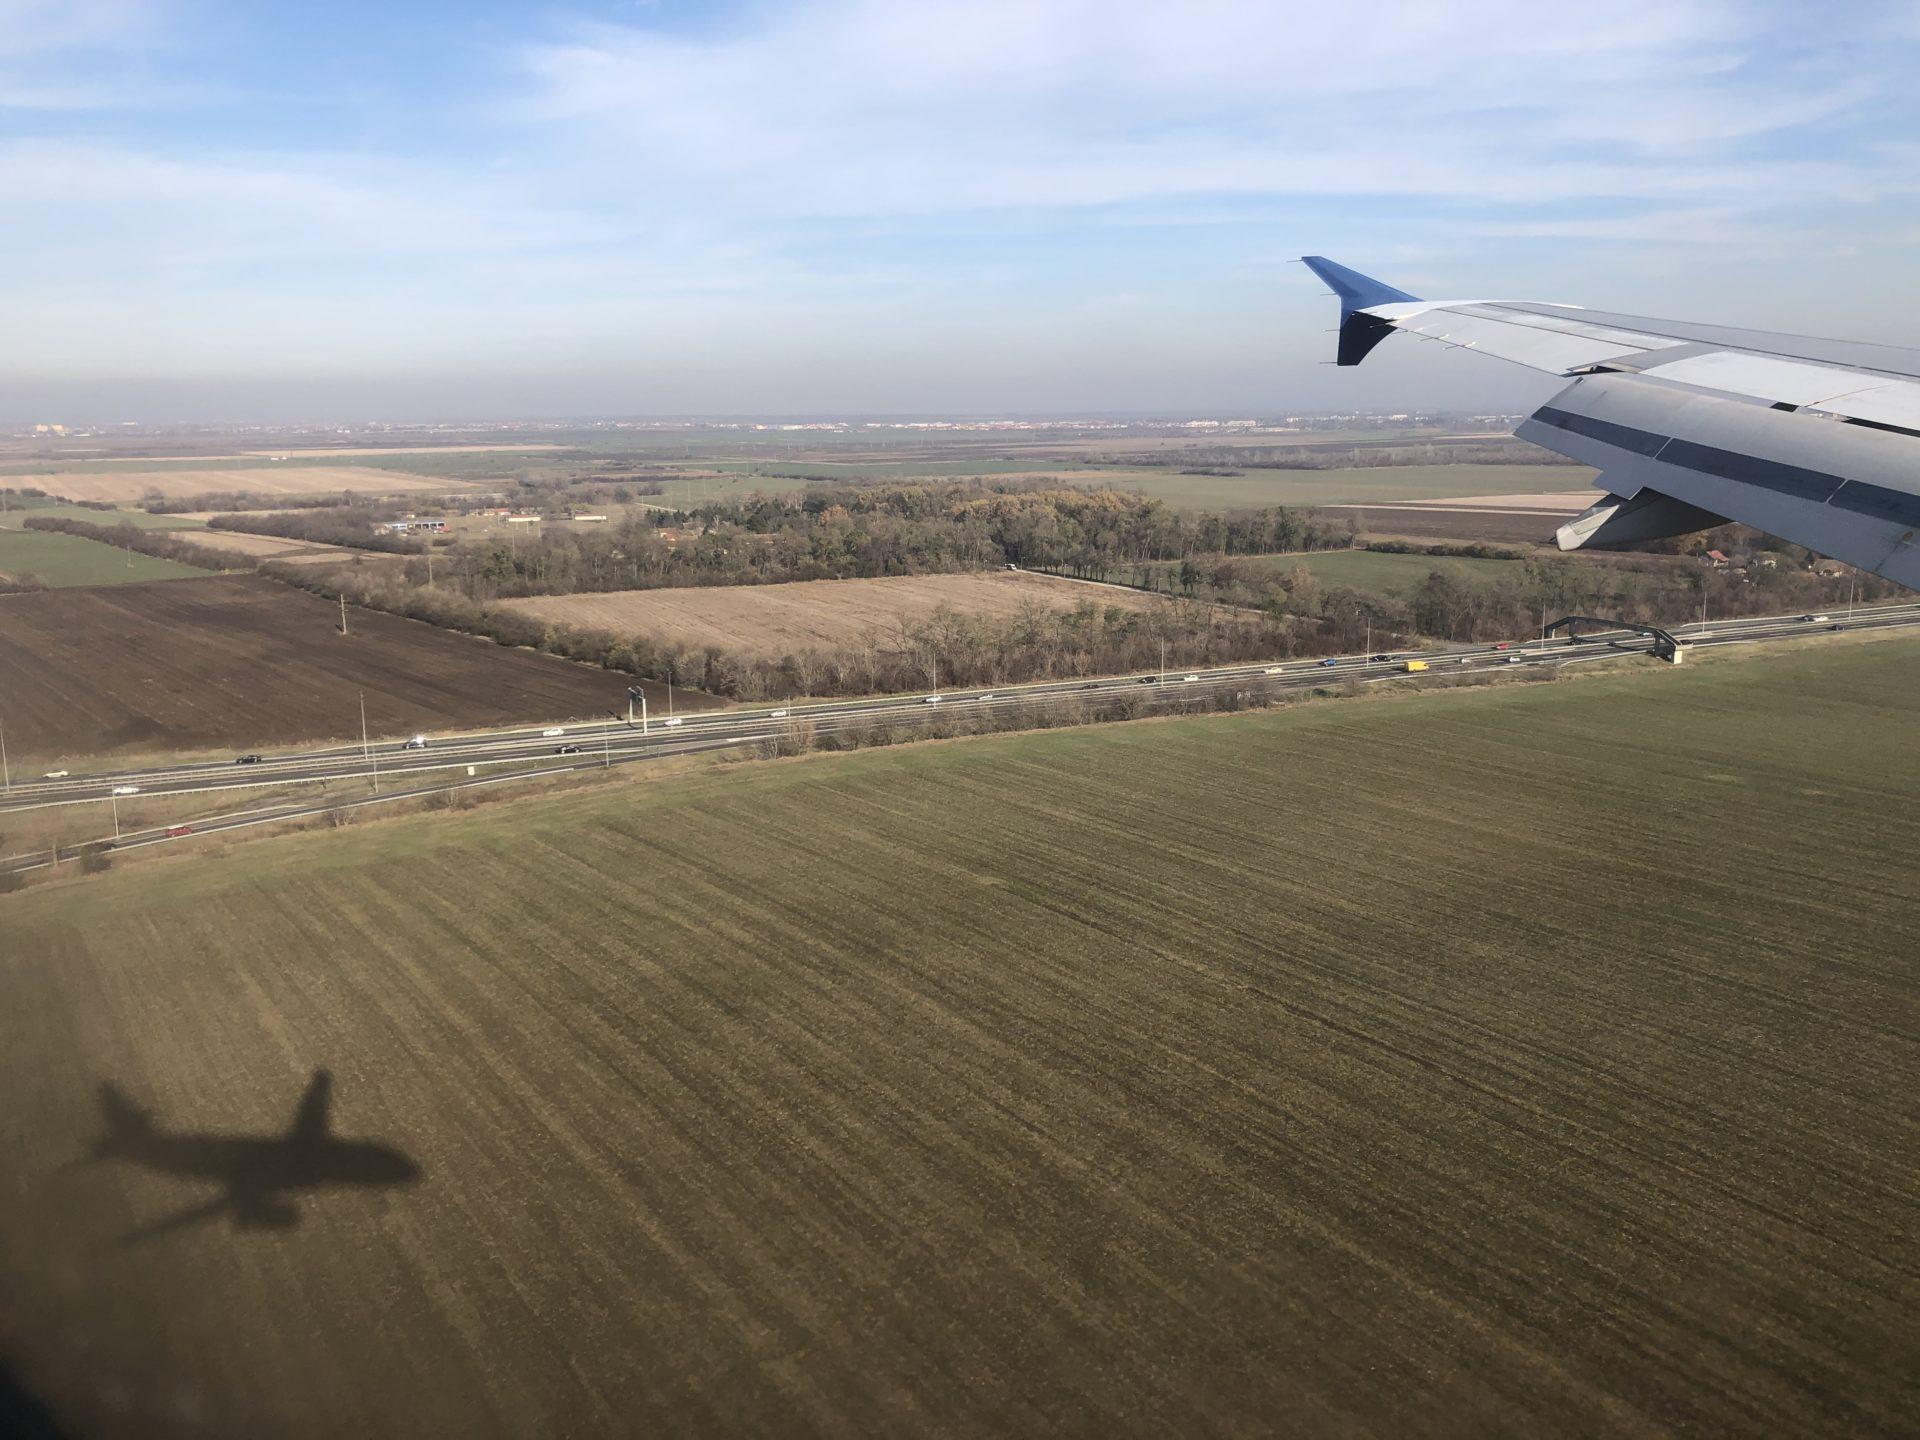 畑に写る飛行機の影